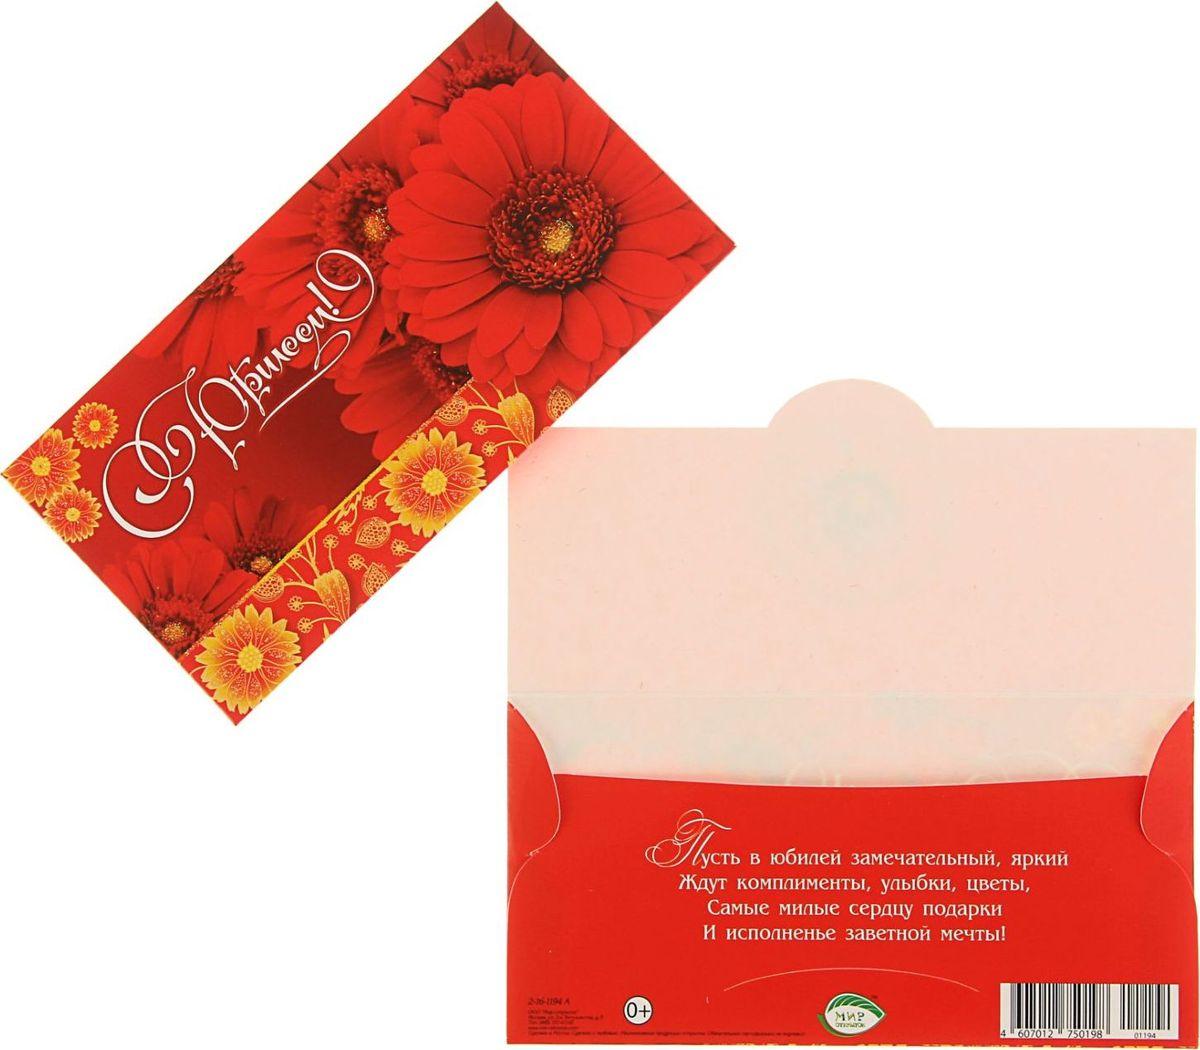 Конверт для денег Мир открыток С Юбилеем! Красные цветы, 16,4 х 8,4 см1737014Невозможно представить нашу жизнь без праздников! Мы всегда ждём их и предвкушаем, обдумываем, как проведём памятный день, тщательно выбираем подарки и аксессуары, ведь именно они создают и поддерживают торжественный настрой. Этот конверт - отличный выбор, который привнесёт атмосферу праздника в ваш дом!